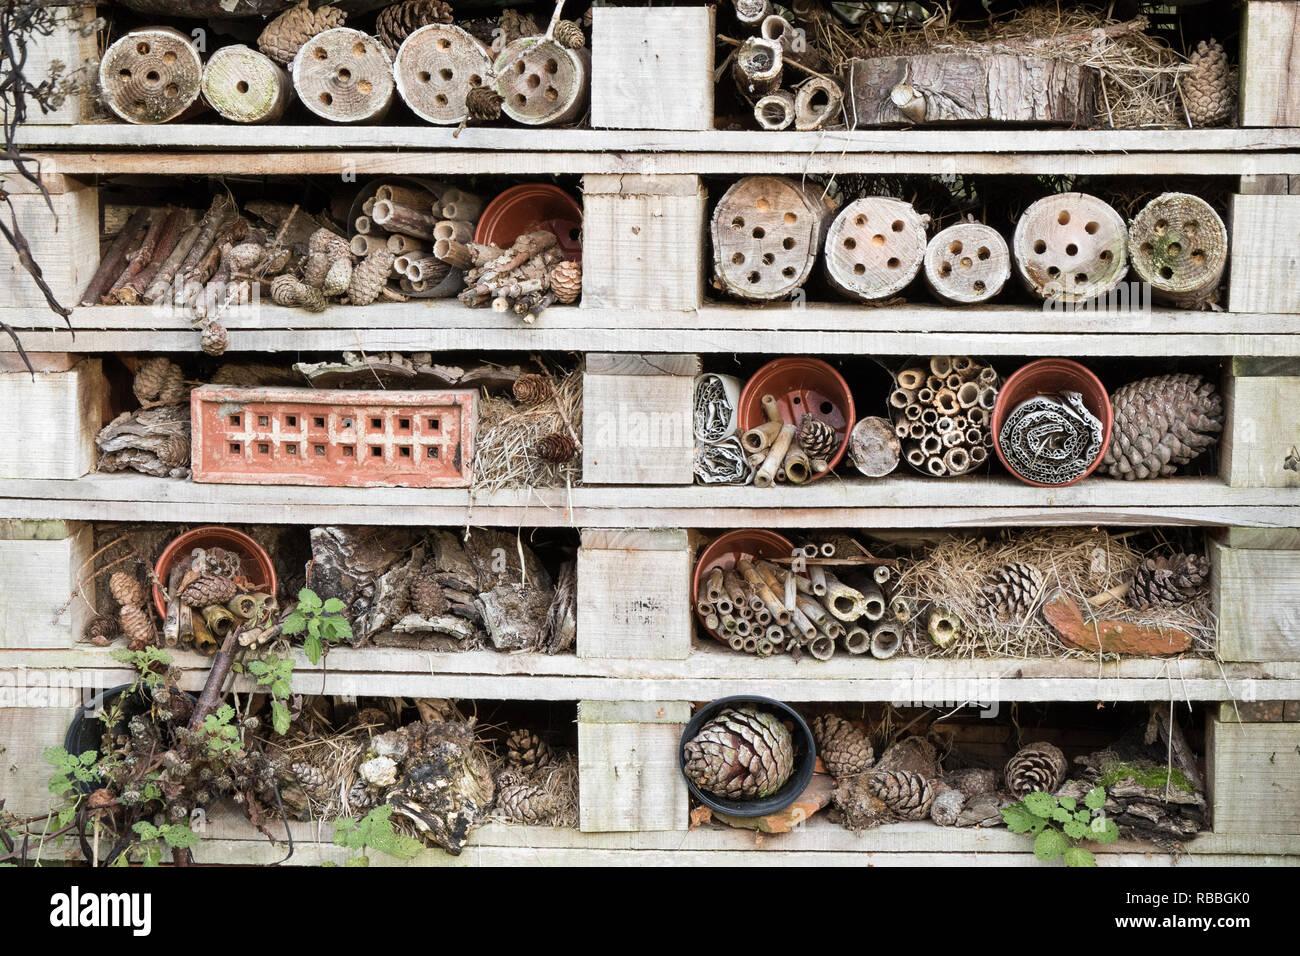 Bug Hotel - un hábitat para la naturaleza Imagen De Stock